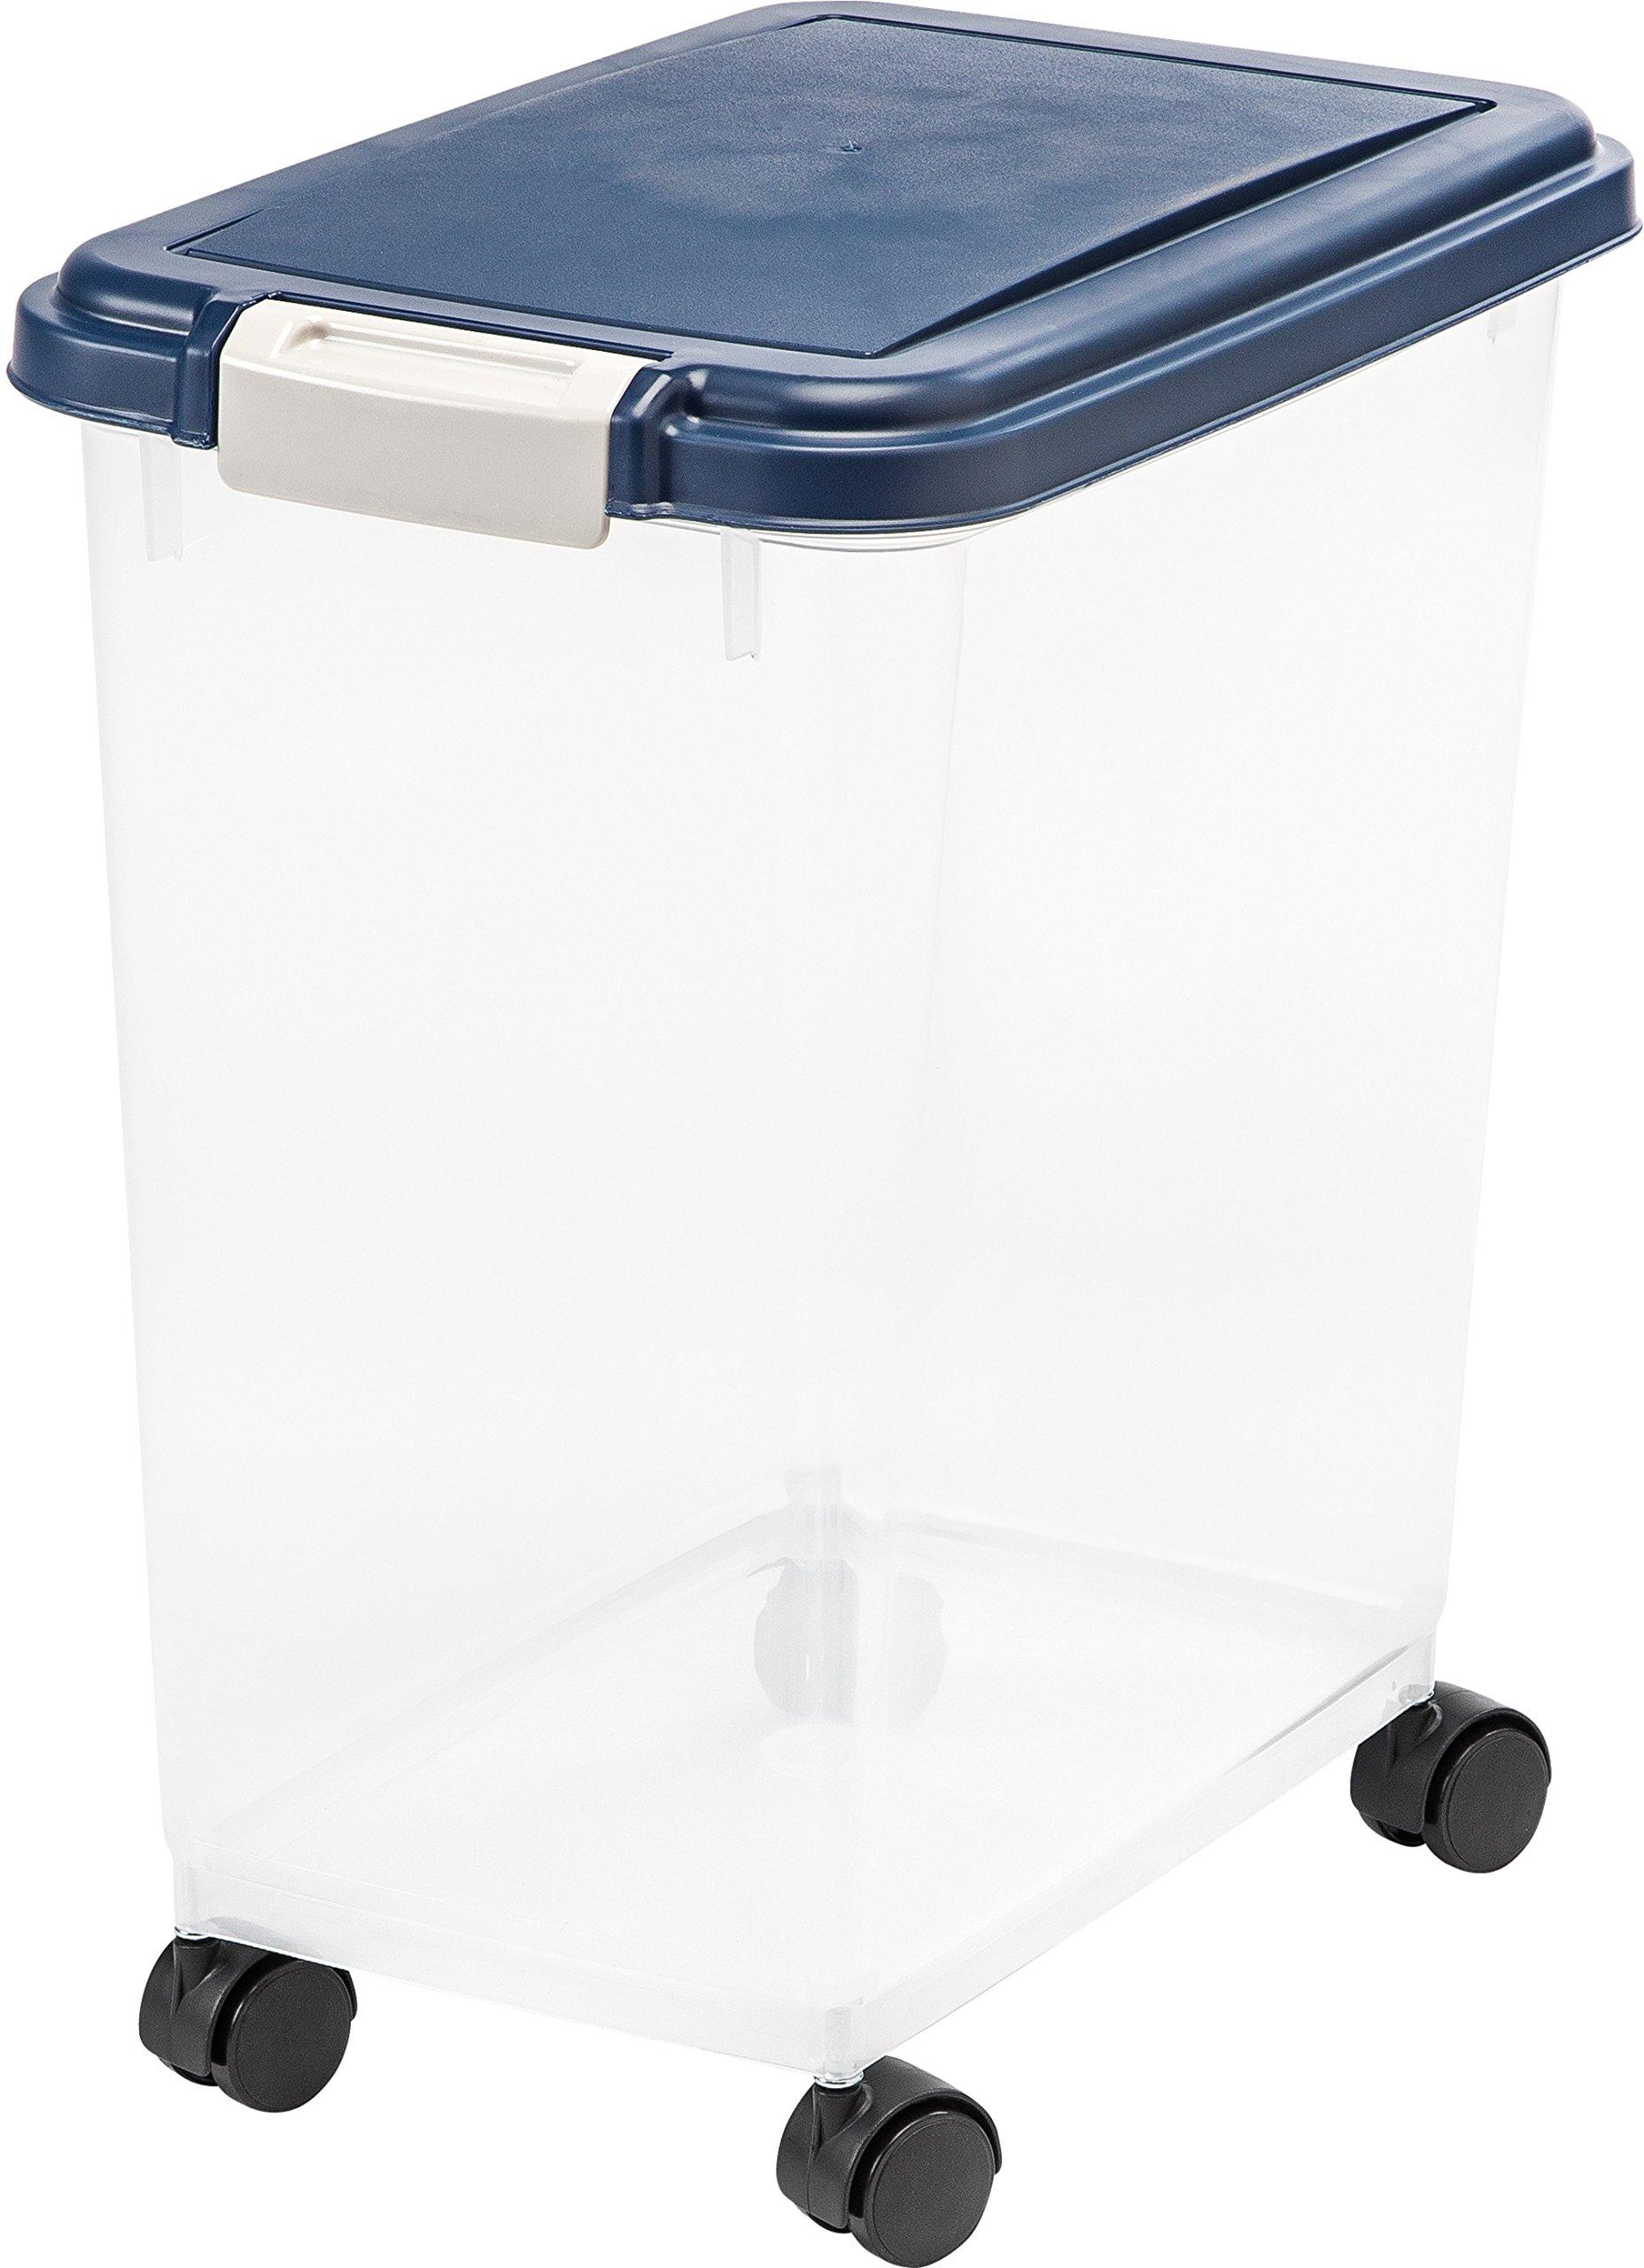 IRIS Airtight Pet Food Storage Container by IRIS USA, Inc.